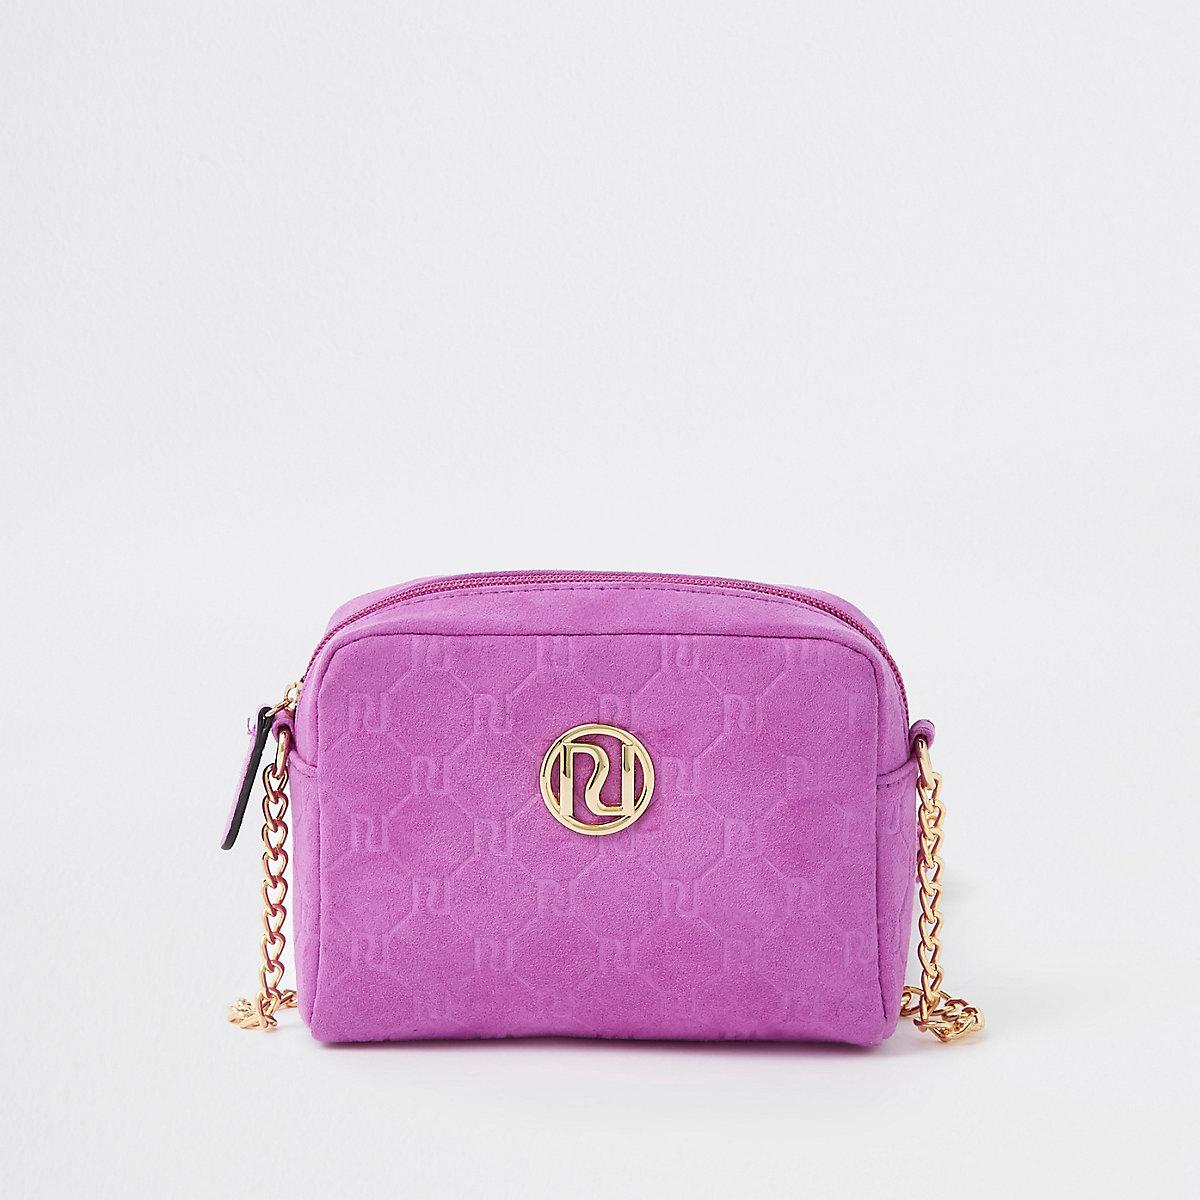 Girls purple RI monogram cross body chain bag